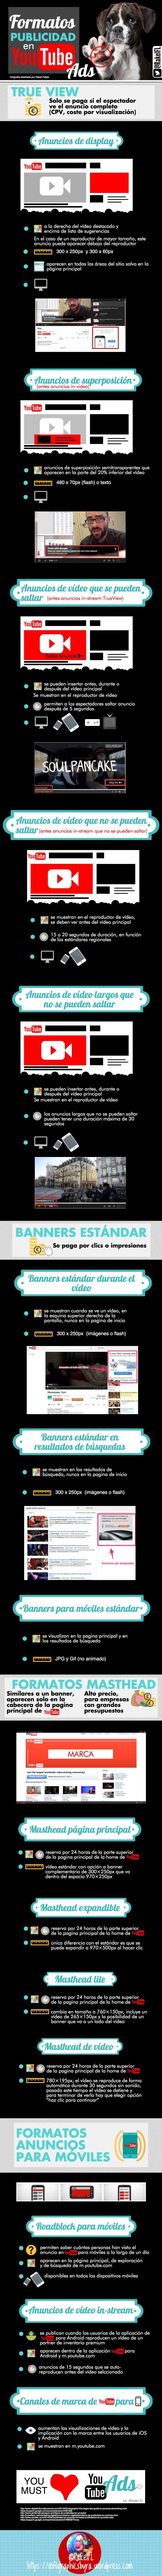 YouTube: guía de formatos de publicidad #infografia #socialmedia #marketing